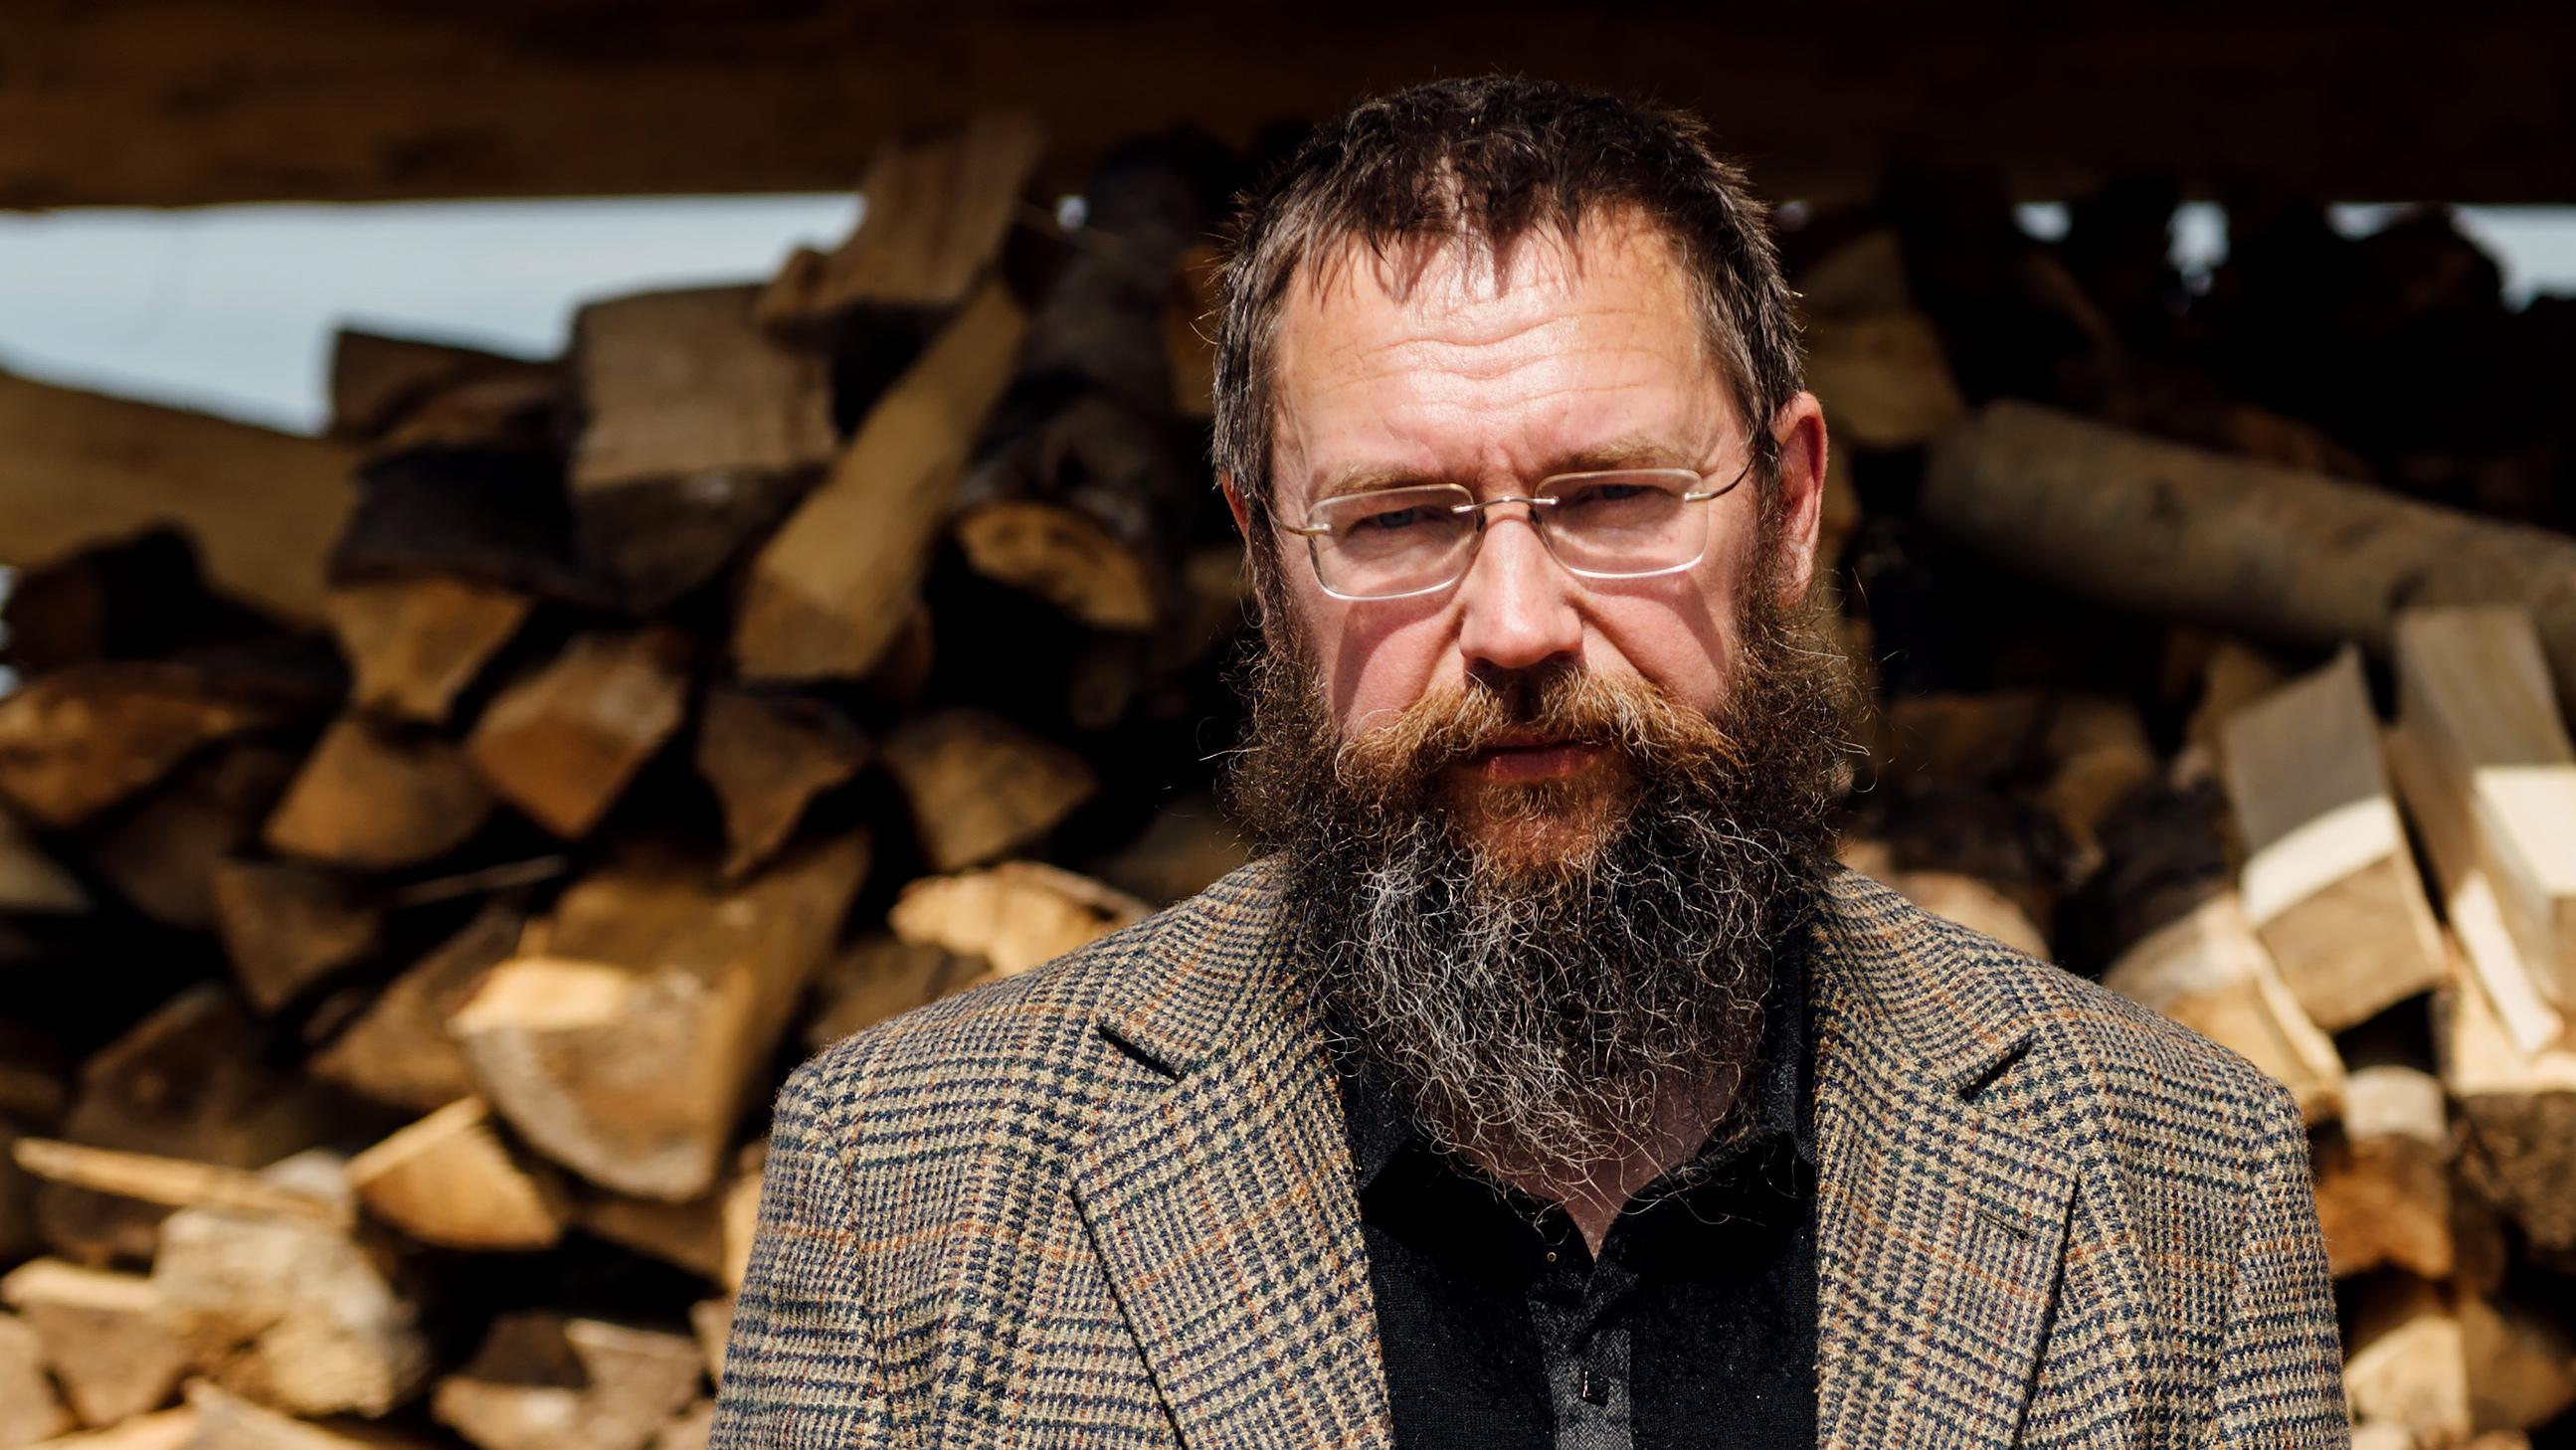 Герман Стерлигов начал торговать в собственных магазинах «свежие розги»